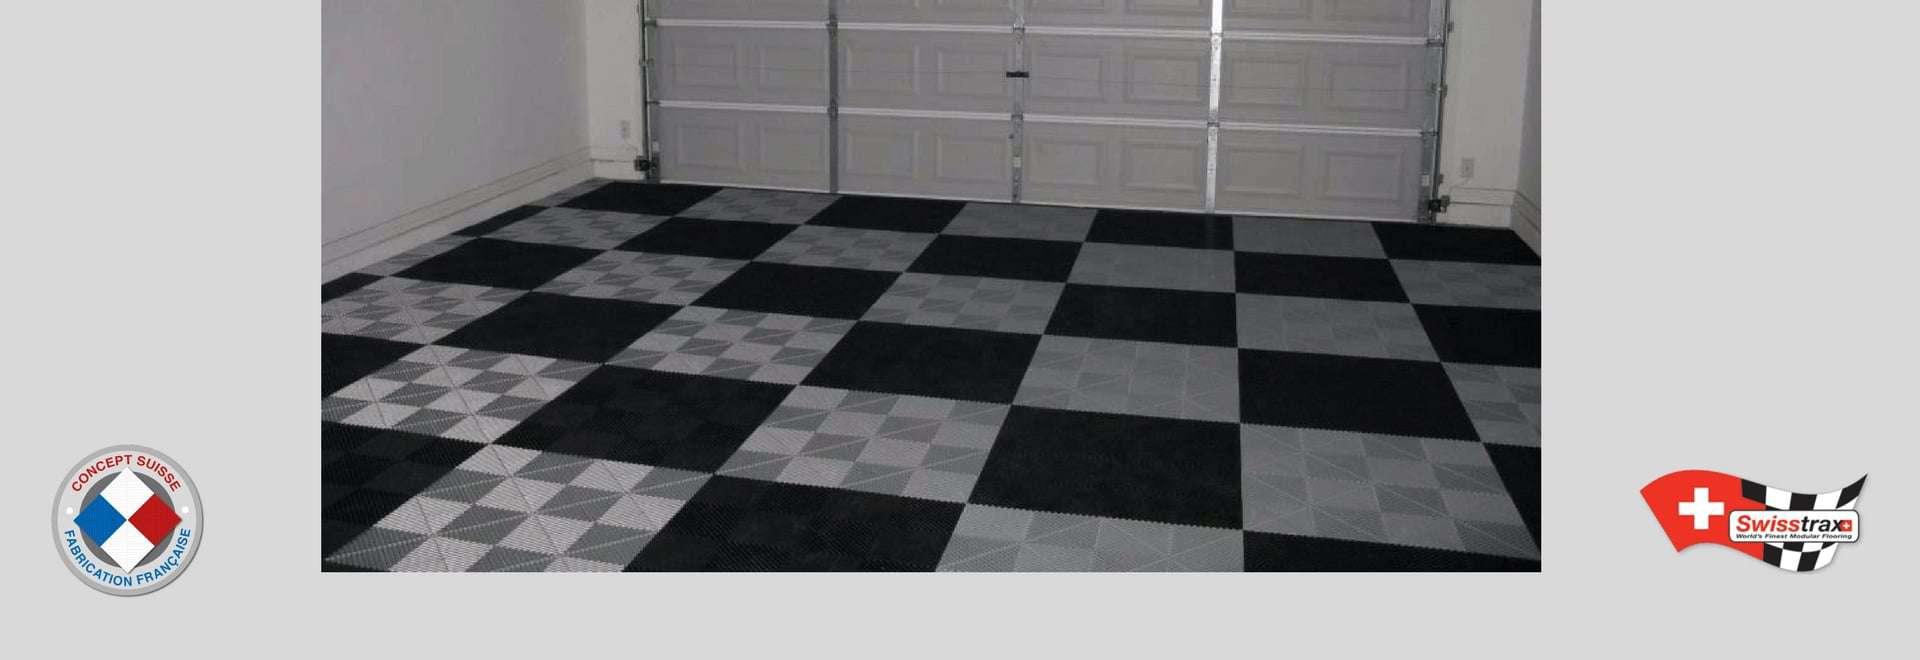 dalles de sol clipsables dalles pour garage sol modulable. Black Bedroom Furniture Sets. Home Design Ideas